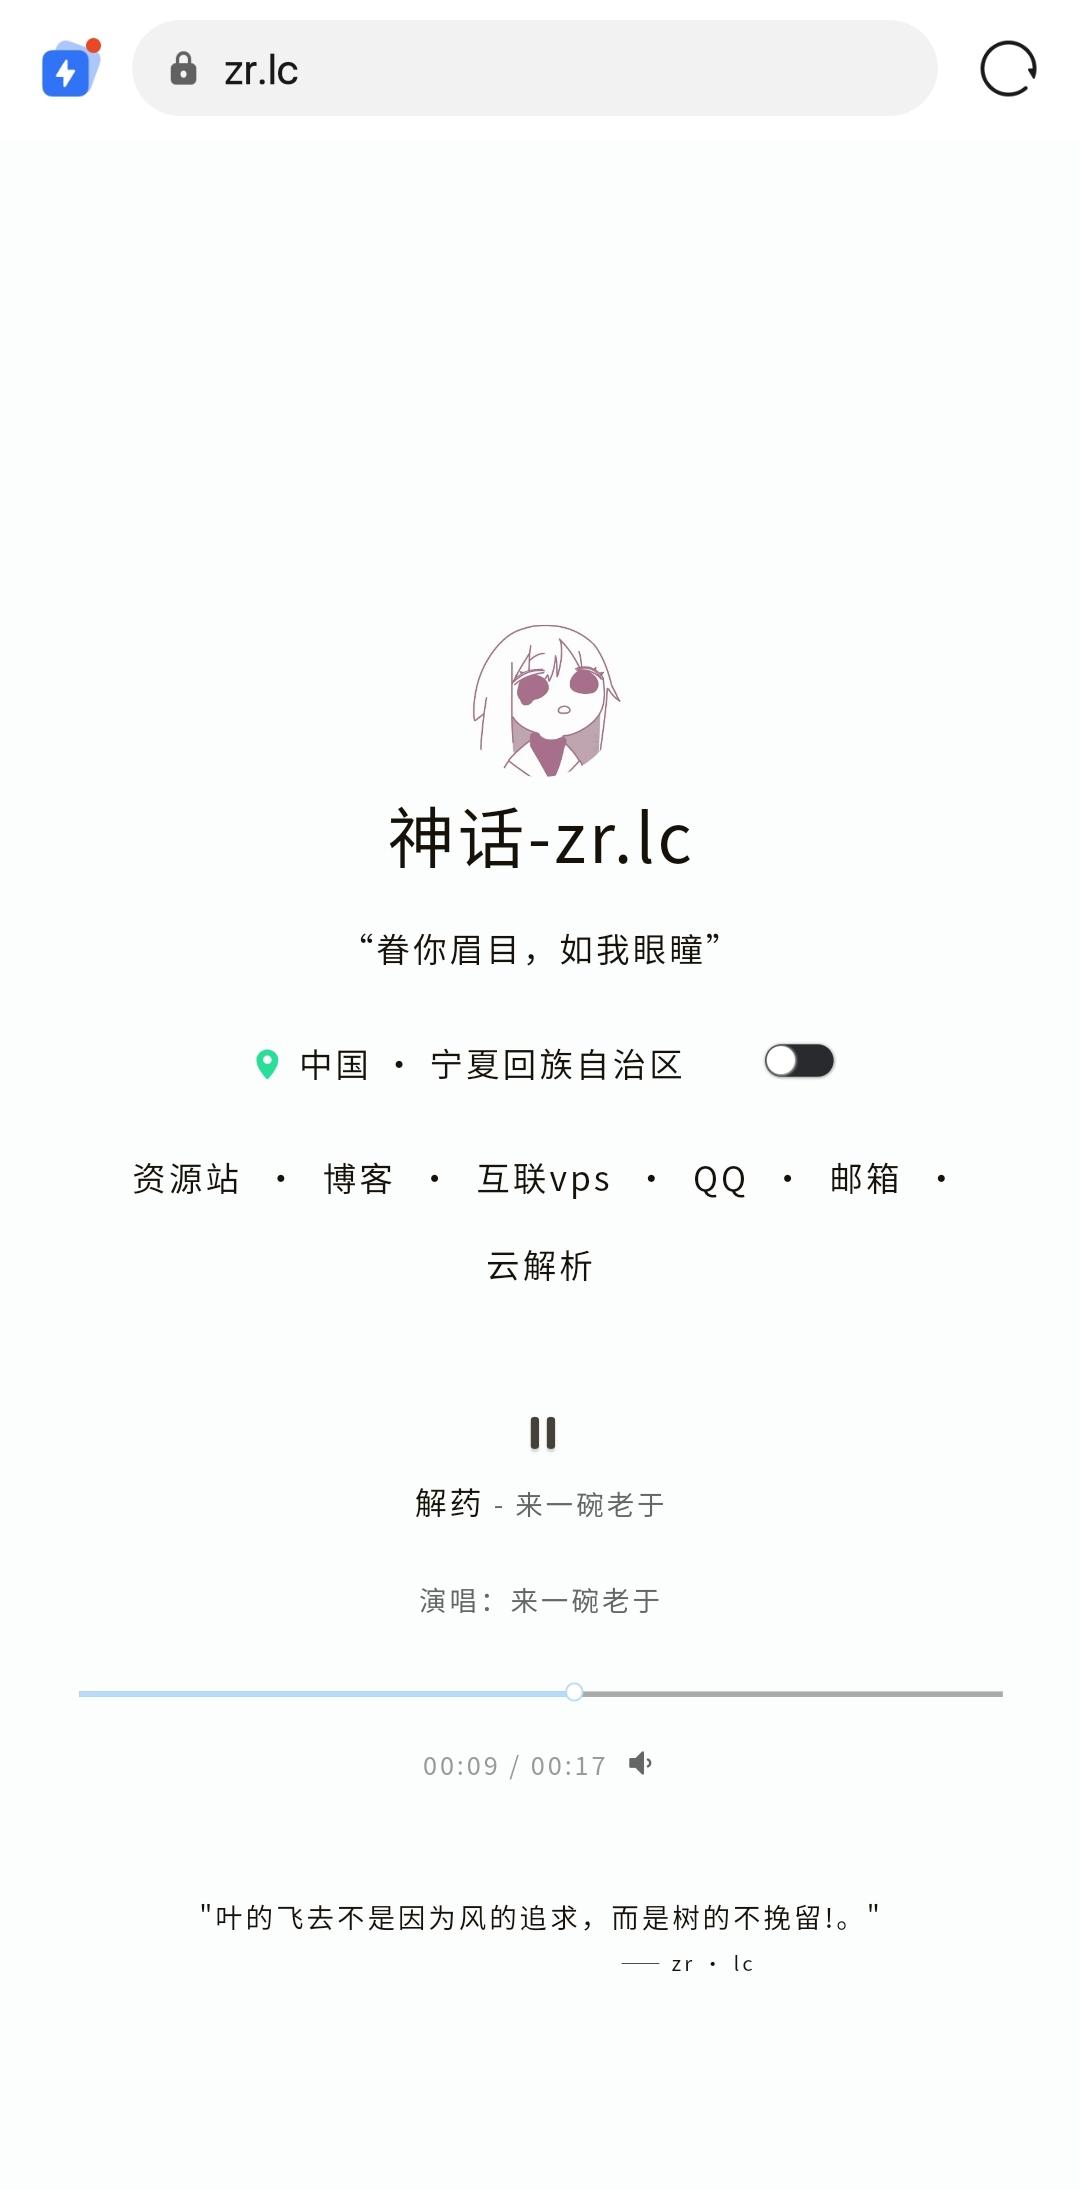 Screenshot_20210816_151219.jpg